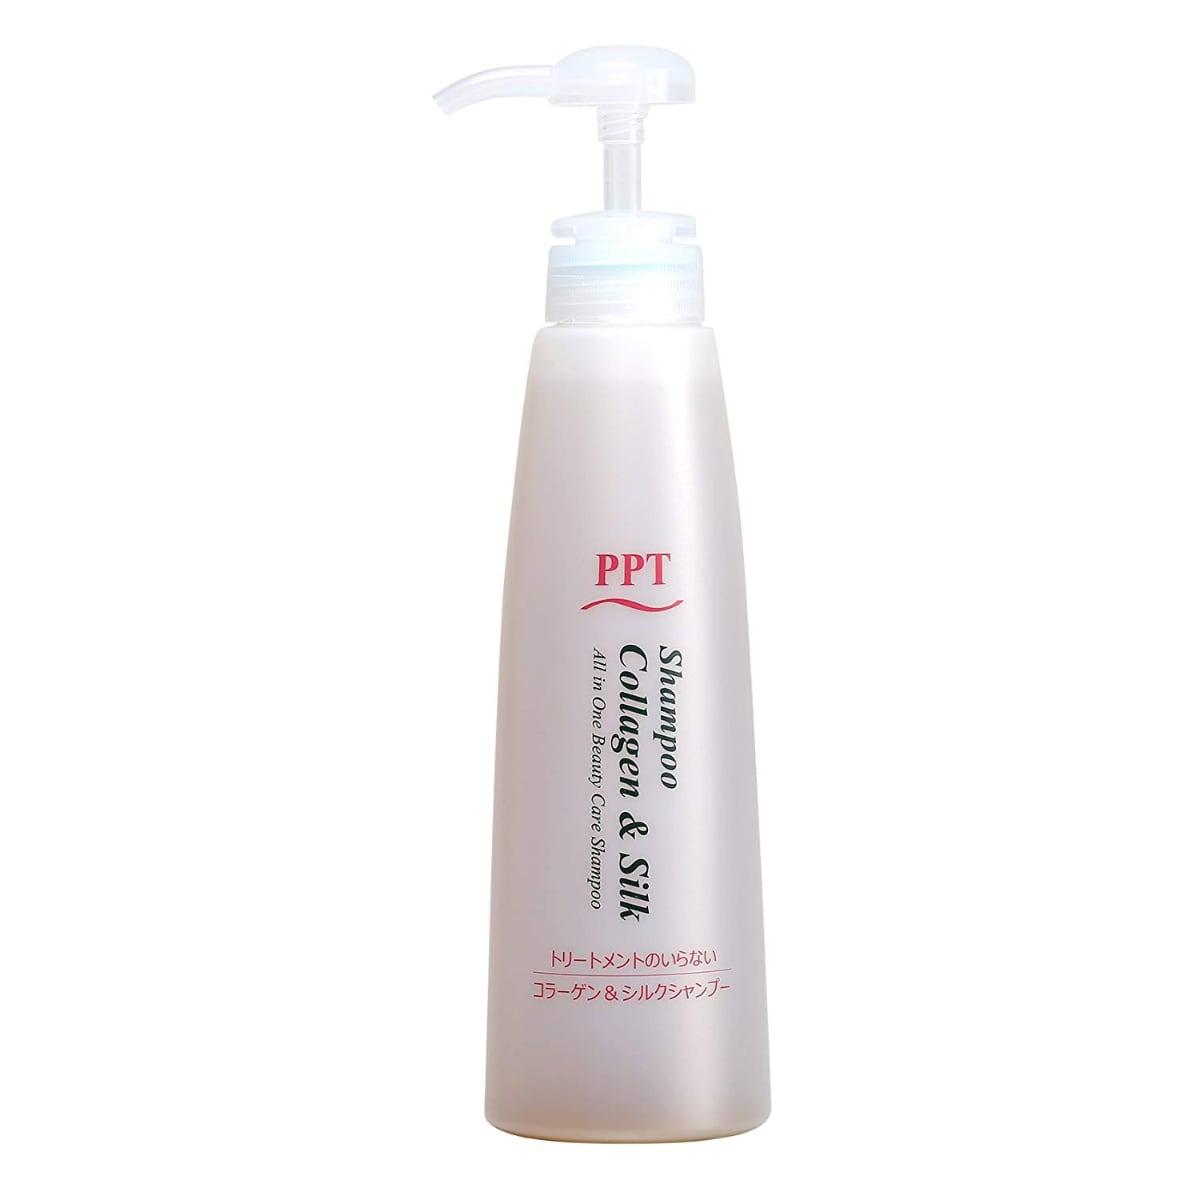 PPTコラーゲン&シルクシャンプー 乾燥肌~普通肌(しっとり)